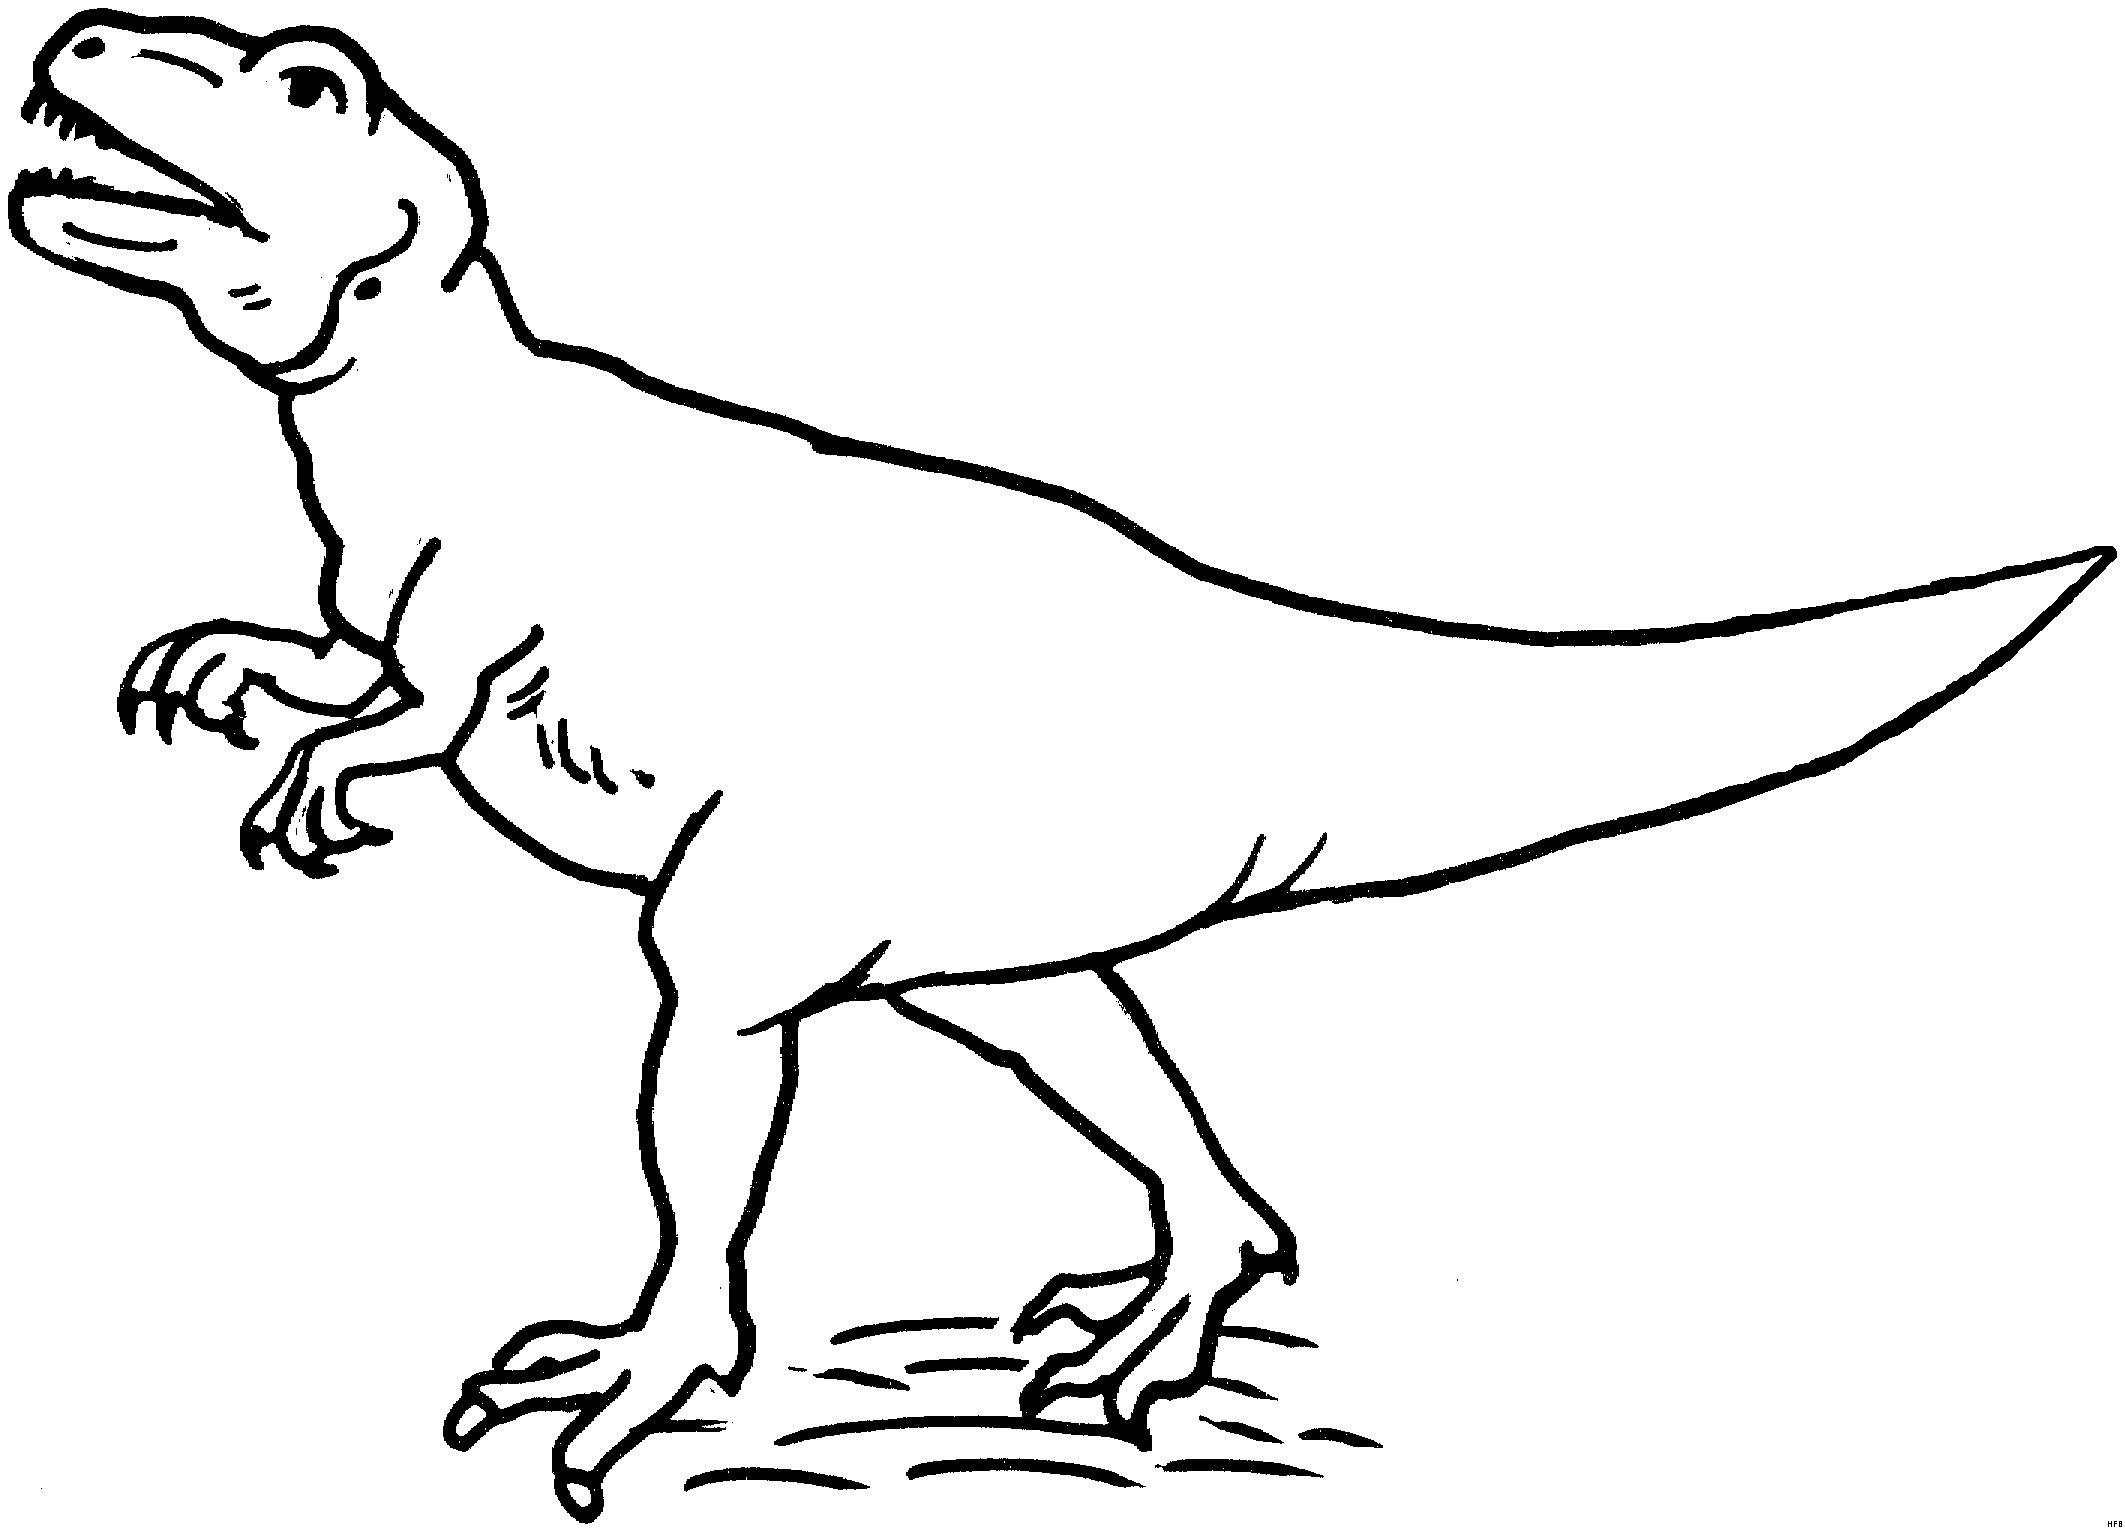 Ausmalbilder Dinosaurier In Einem Land Vor Unserer Zeit Das Beste Von 32 Dino Ausmalbilder Scoredatscore Luxus Dinos Ausmalbilder Beste Bilder